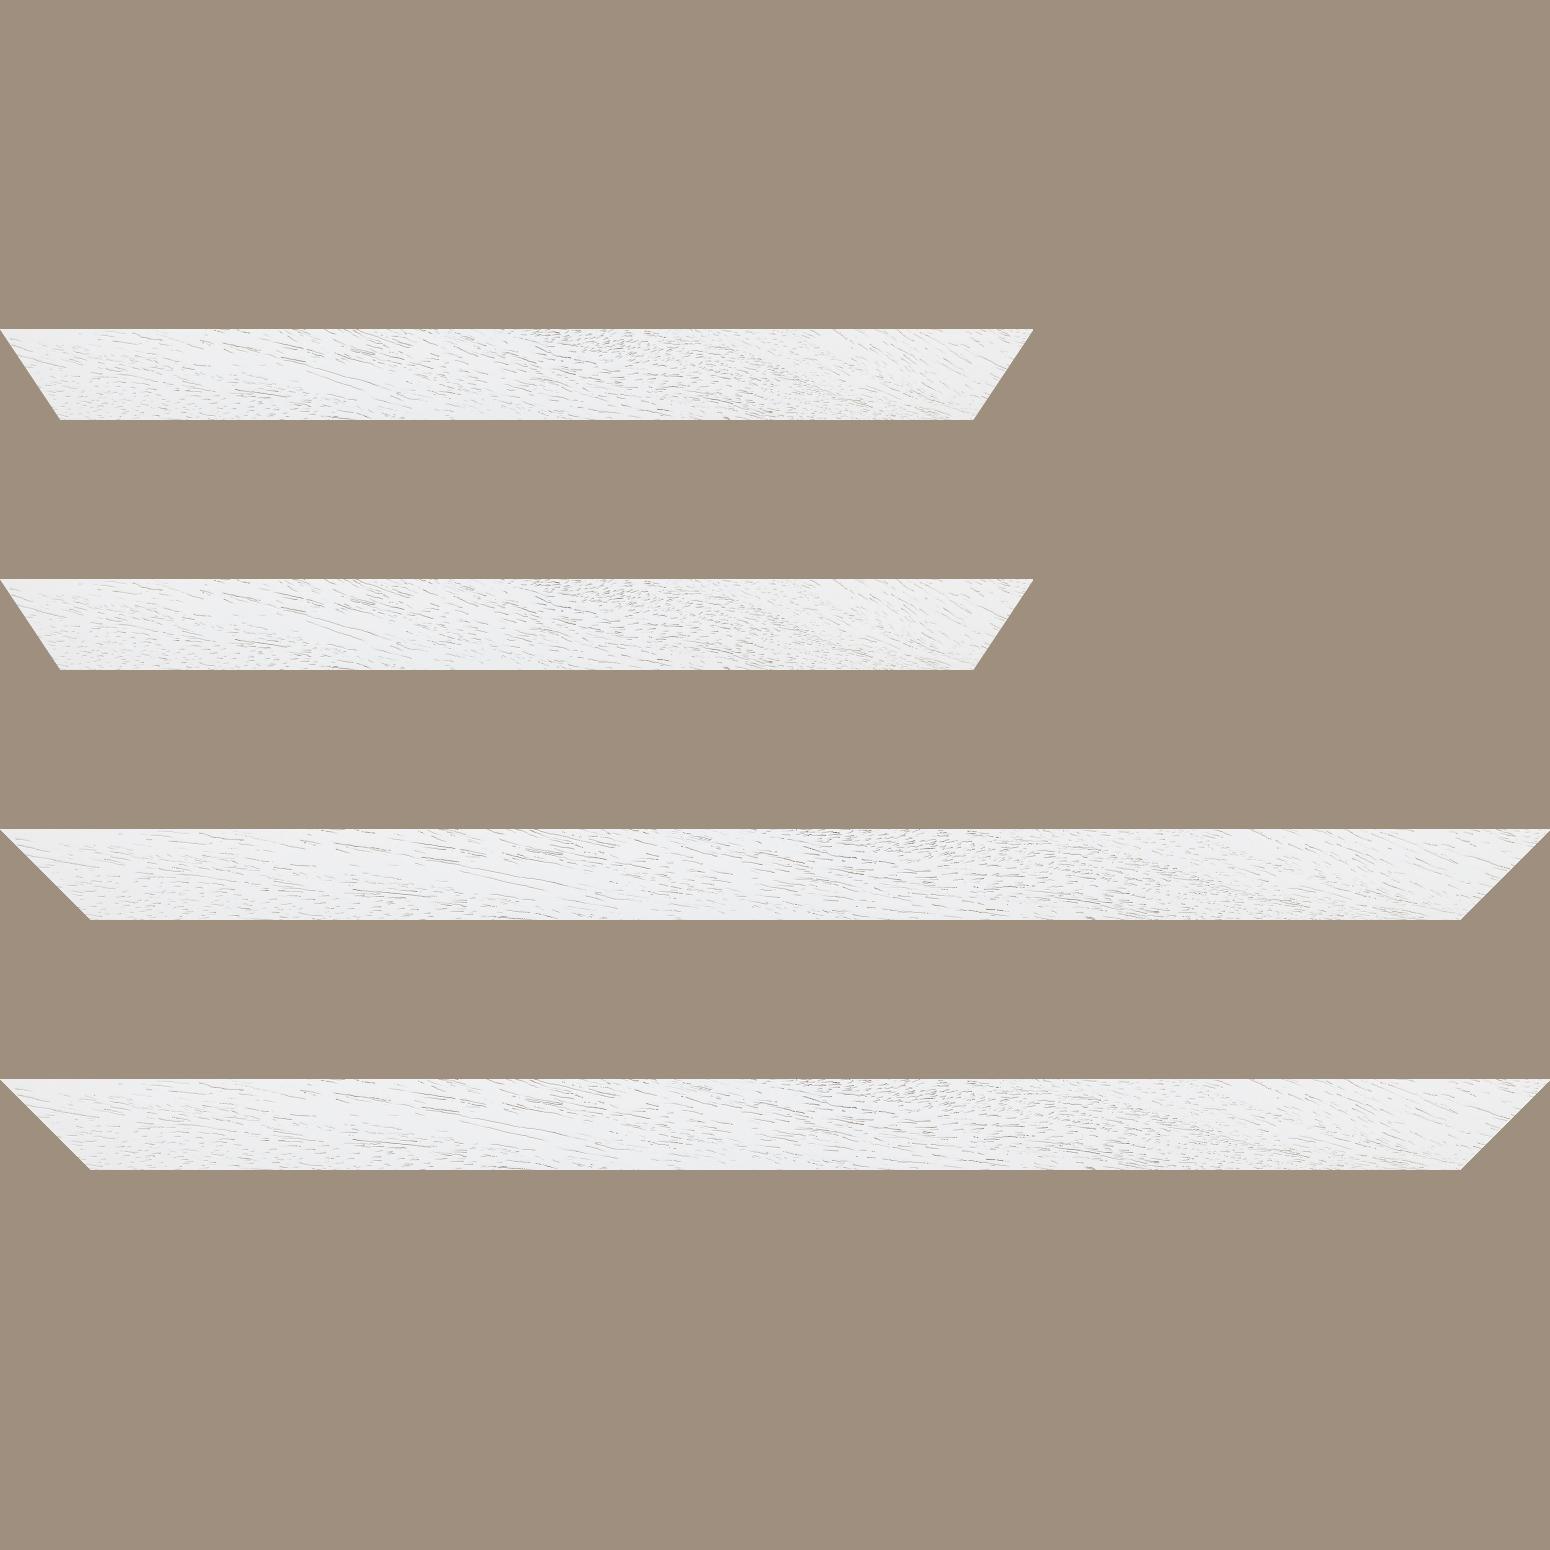 Baguette service précoupé Bois profil plat largeur 3cm couleur blanc satiné